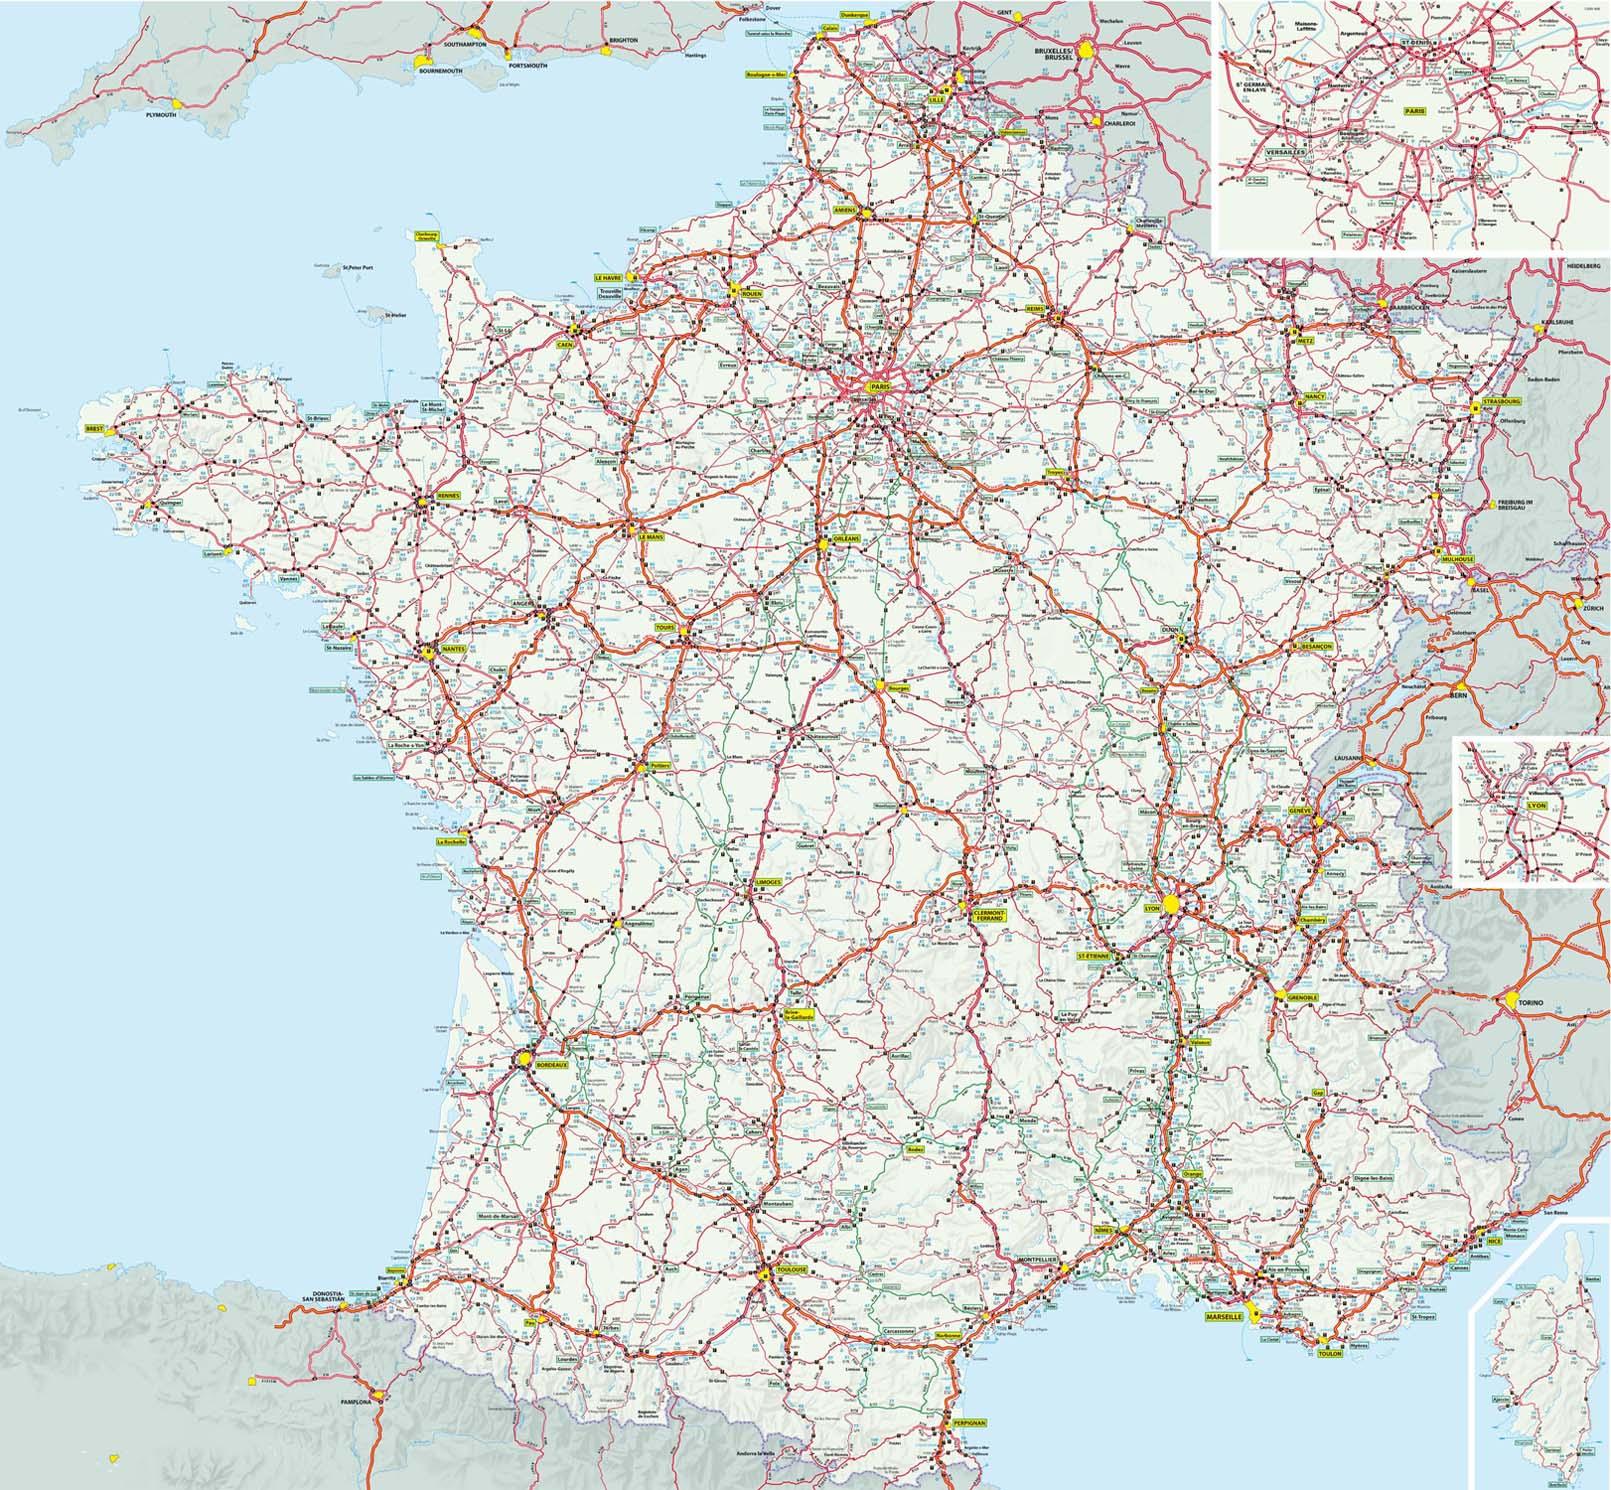 Dap Sas - Produits De La Categorie Cartes Geographiques à Carte Routiere France Gratuite